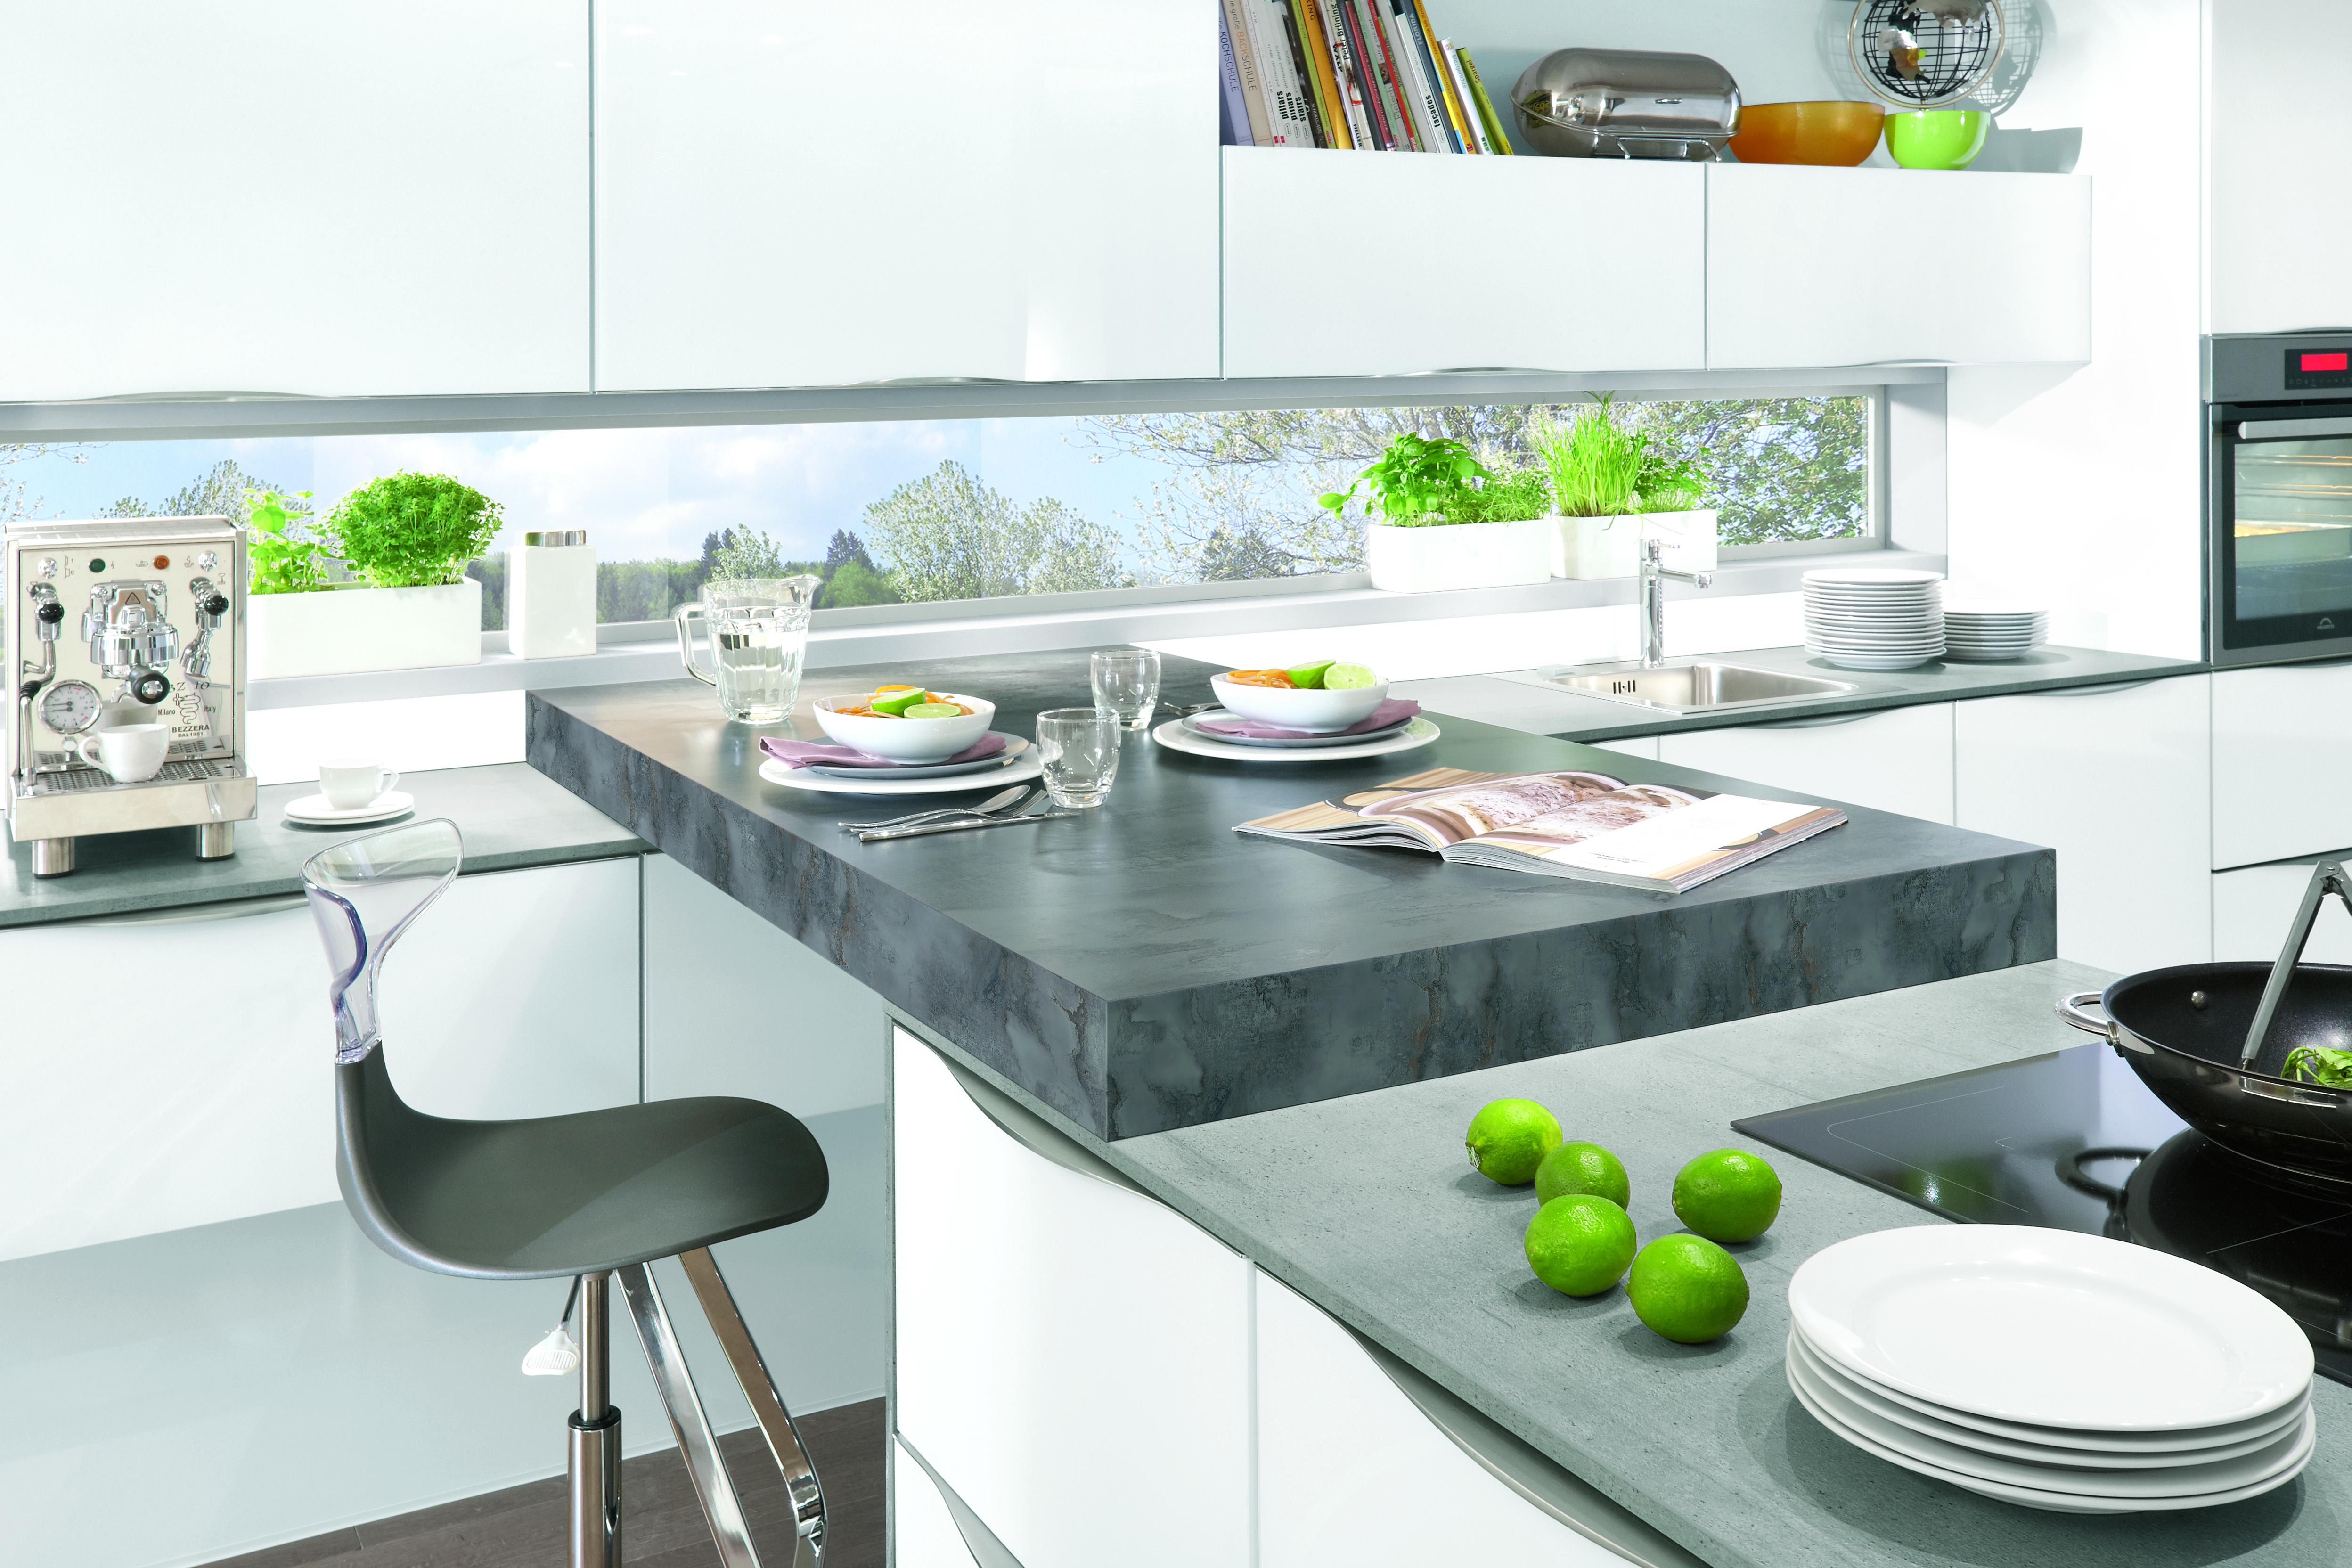 Modern Keuken Schiereiland : Keuken modern schiereiland keukens bodegraven